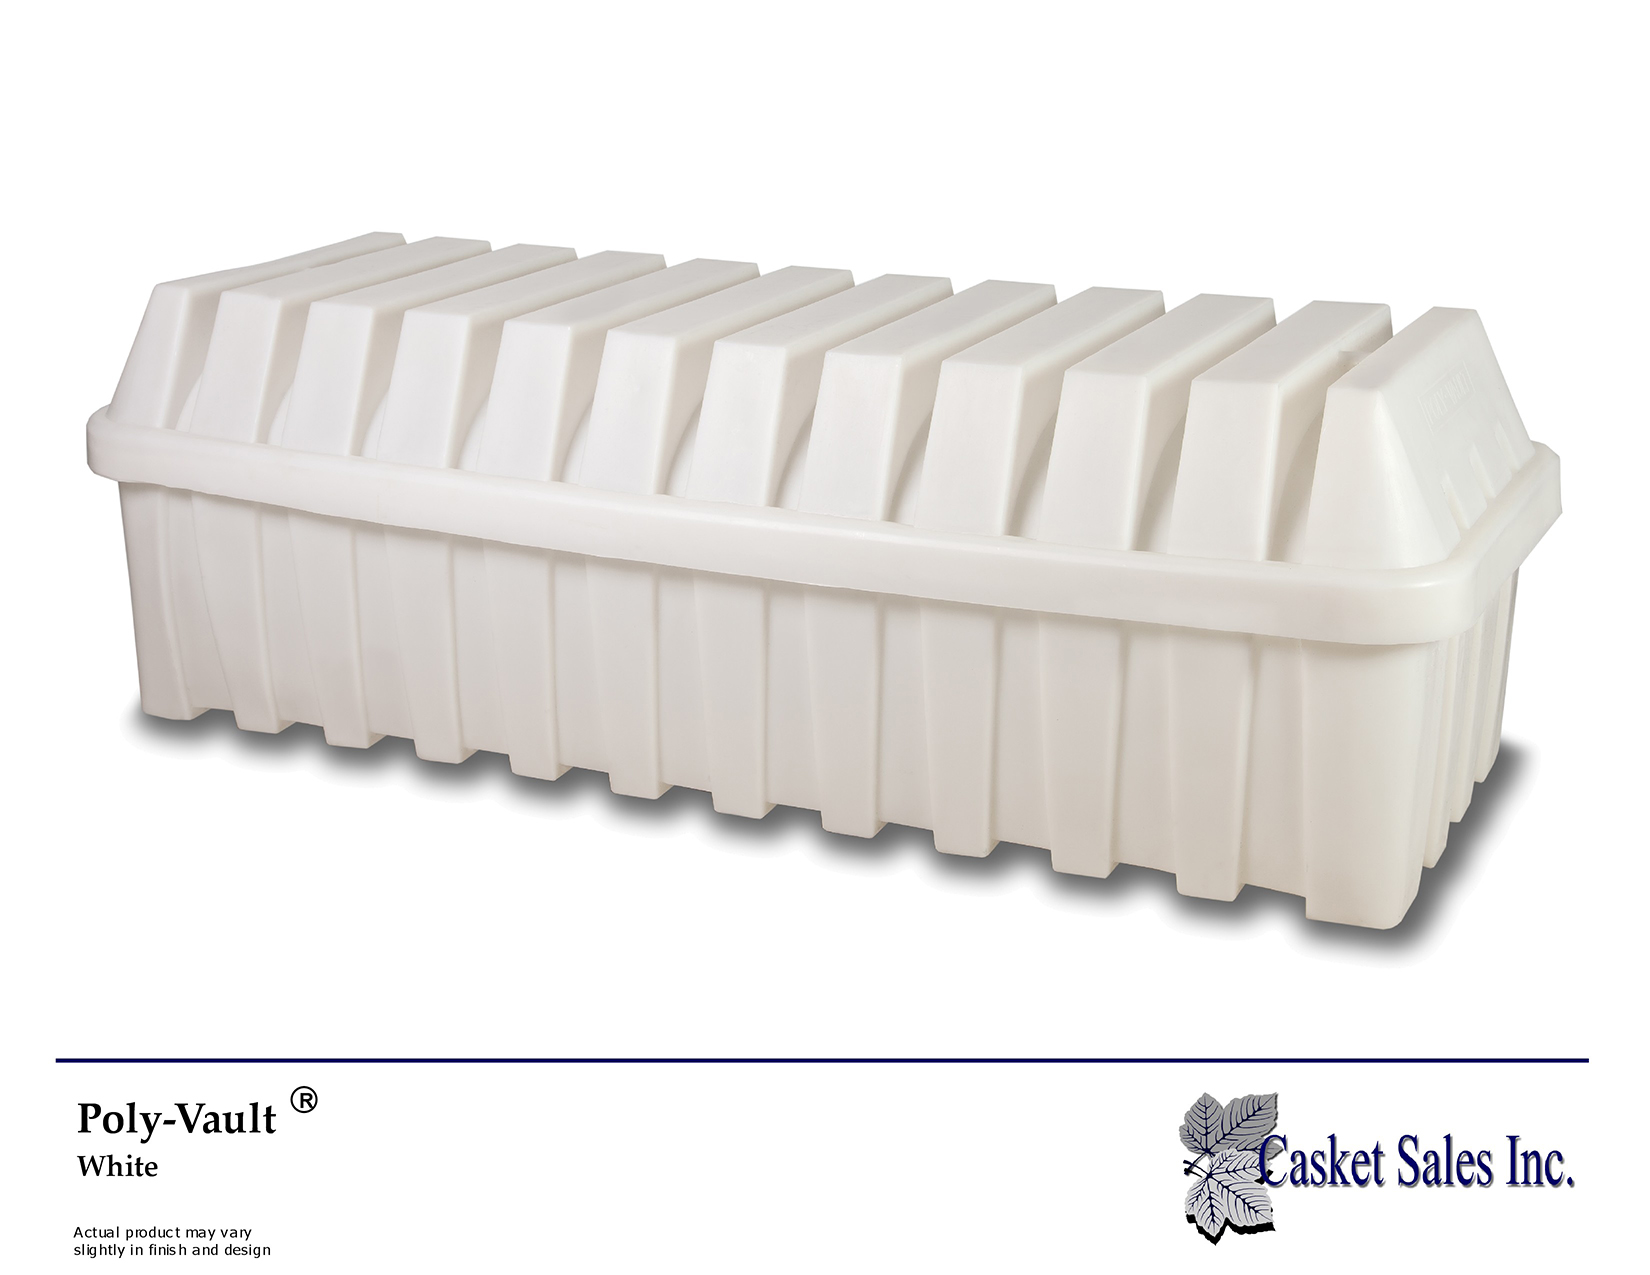 PolyVault/Liner® — Casket Sales Inc